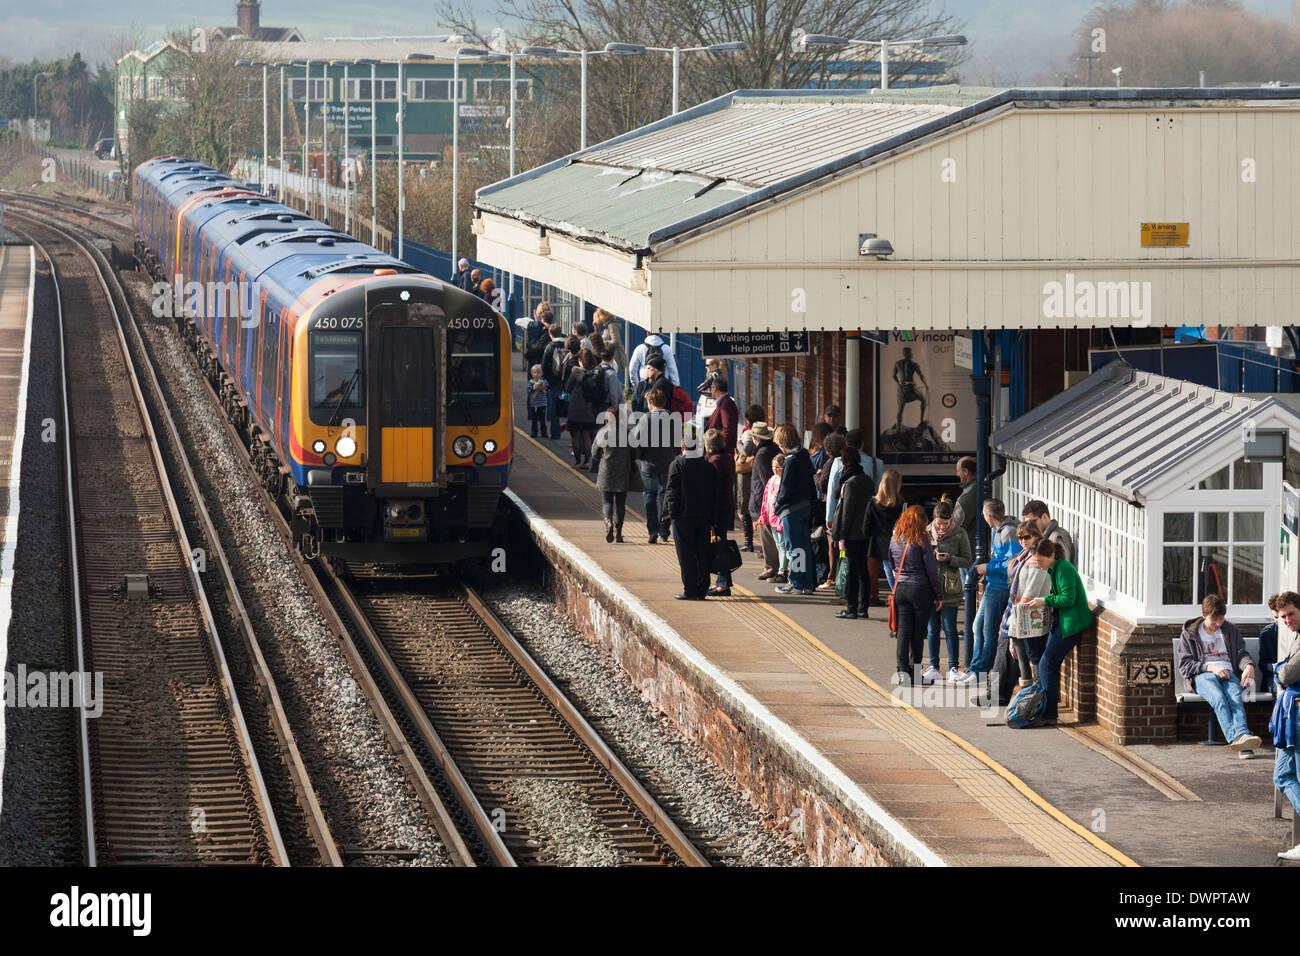 Les passagers de monter à bord du train arrivant à la gare de Pringy. Photo Stock